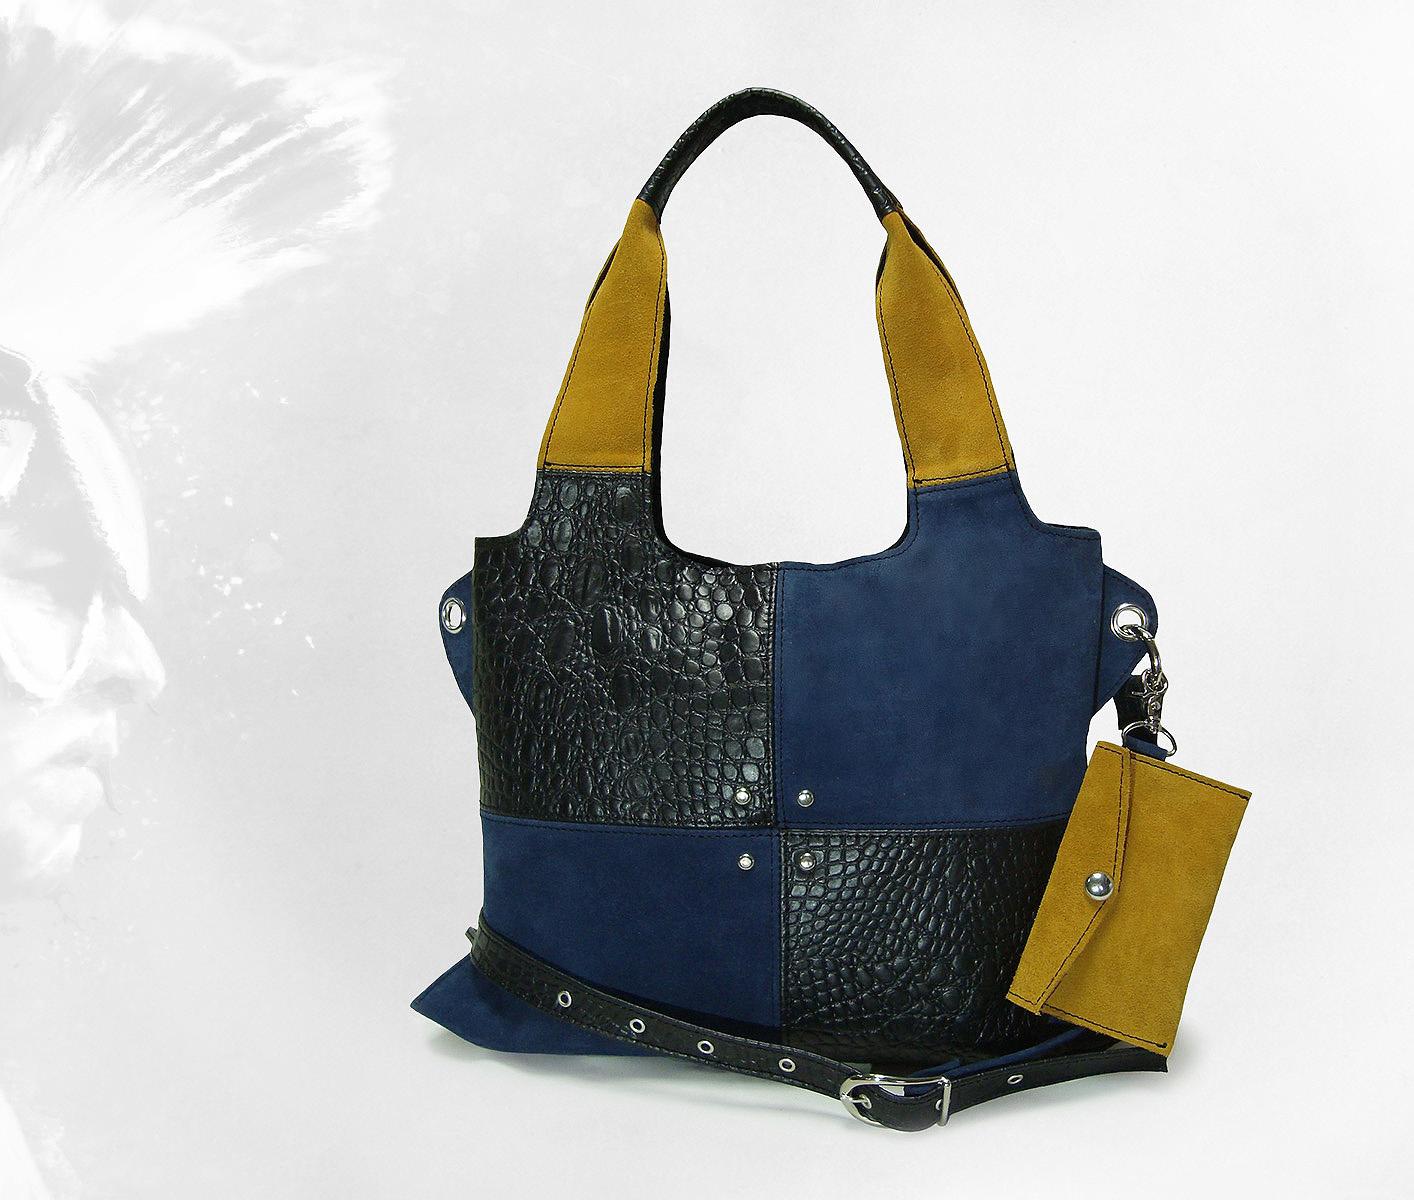 Сумка Модель №39-11Сумки и др. изделия из кожи<br>Высота сумки: 29 см <br>Ширина сумки верх: 39 см <br>Ширина сумки низ: 41 см <br>Ширина дна: 7 см <br>Длинна ручек: 56 см <br>Длинна ремня: 90-115 см<br><br>Тип: Сумка<br>Размер: -<br>Материал: Натуральная кожа